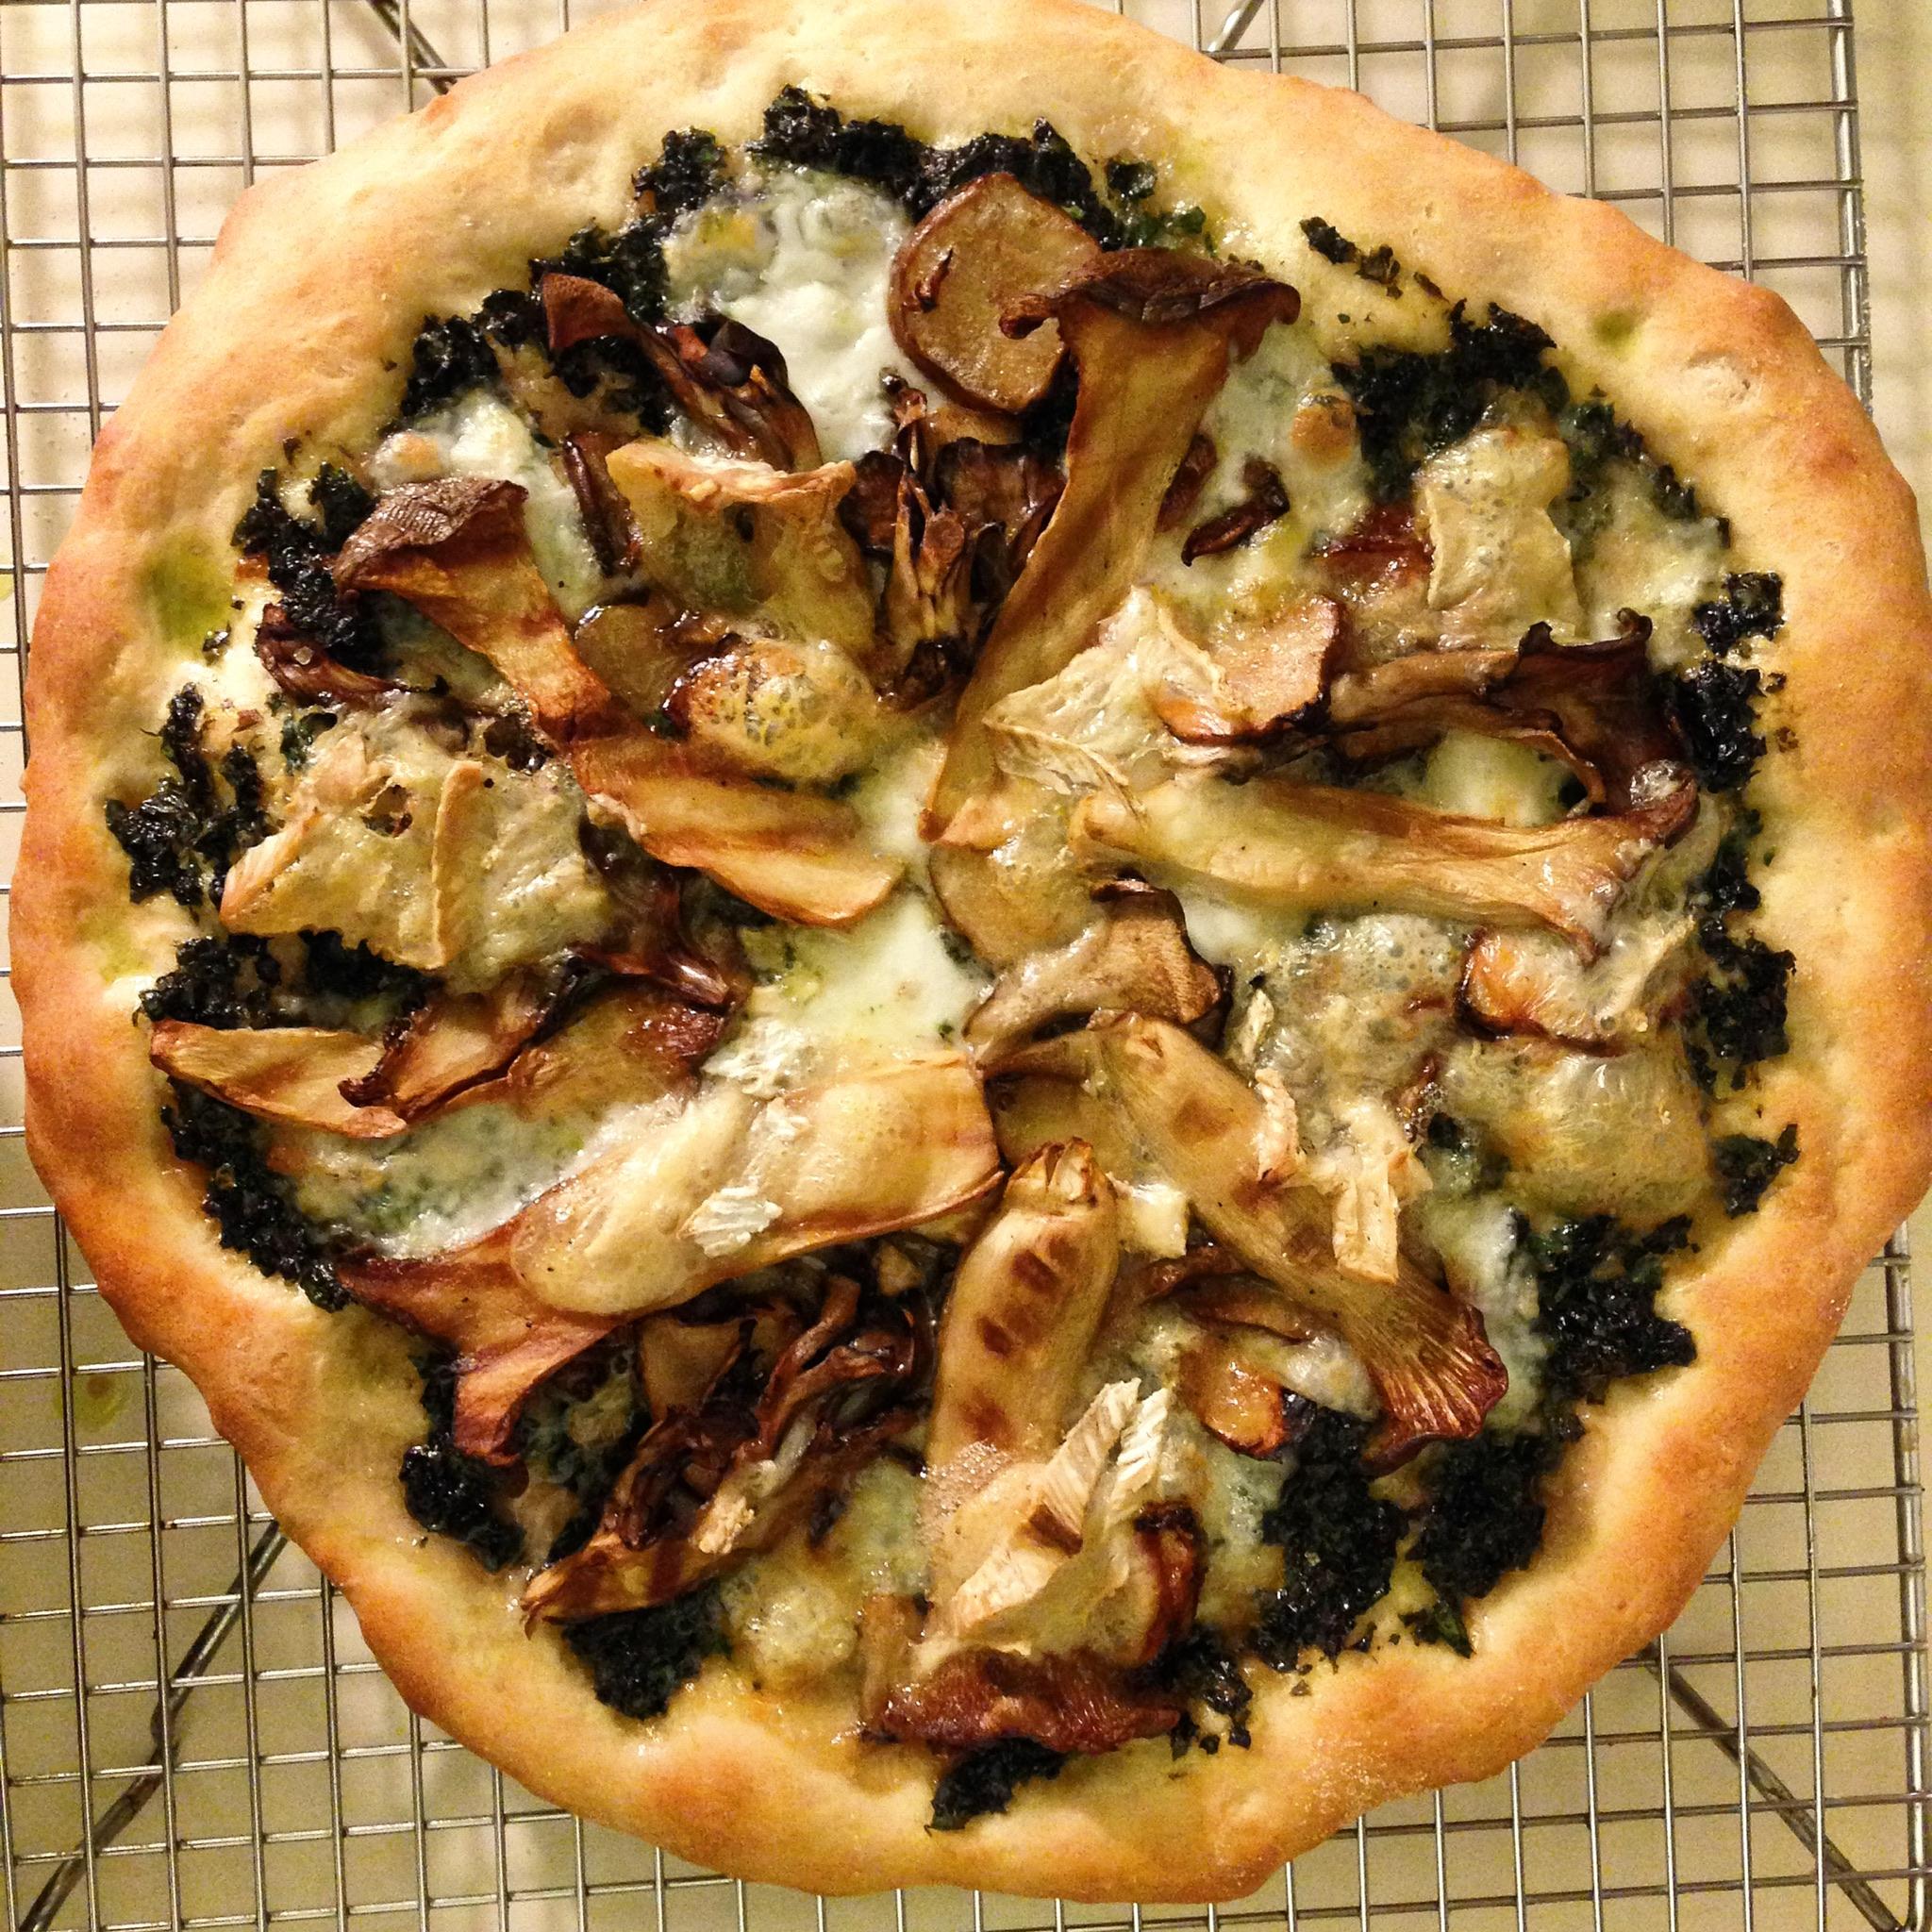 king trumpet, broccoli pesto, and truffle brie pizza